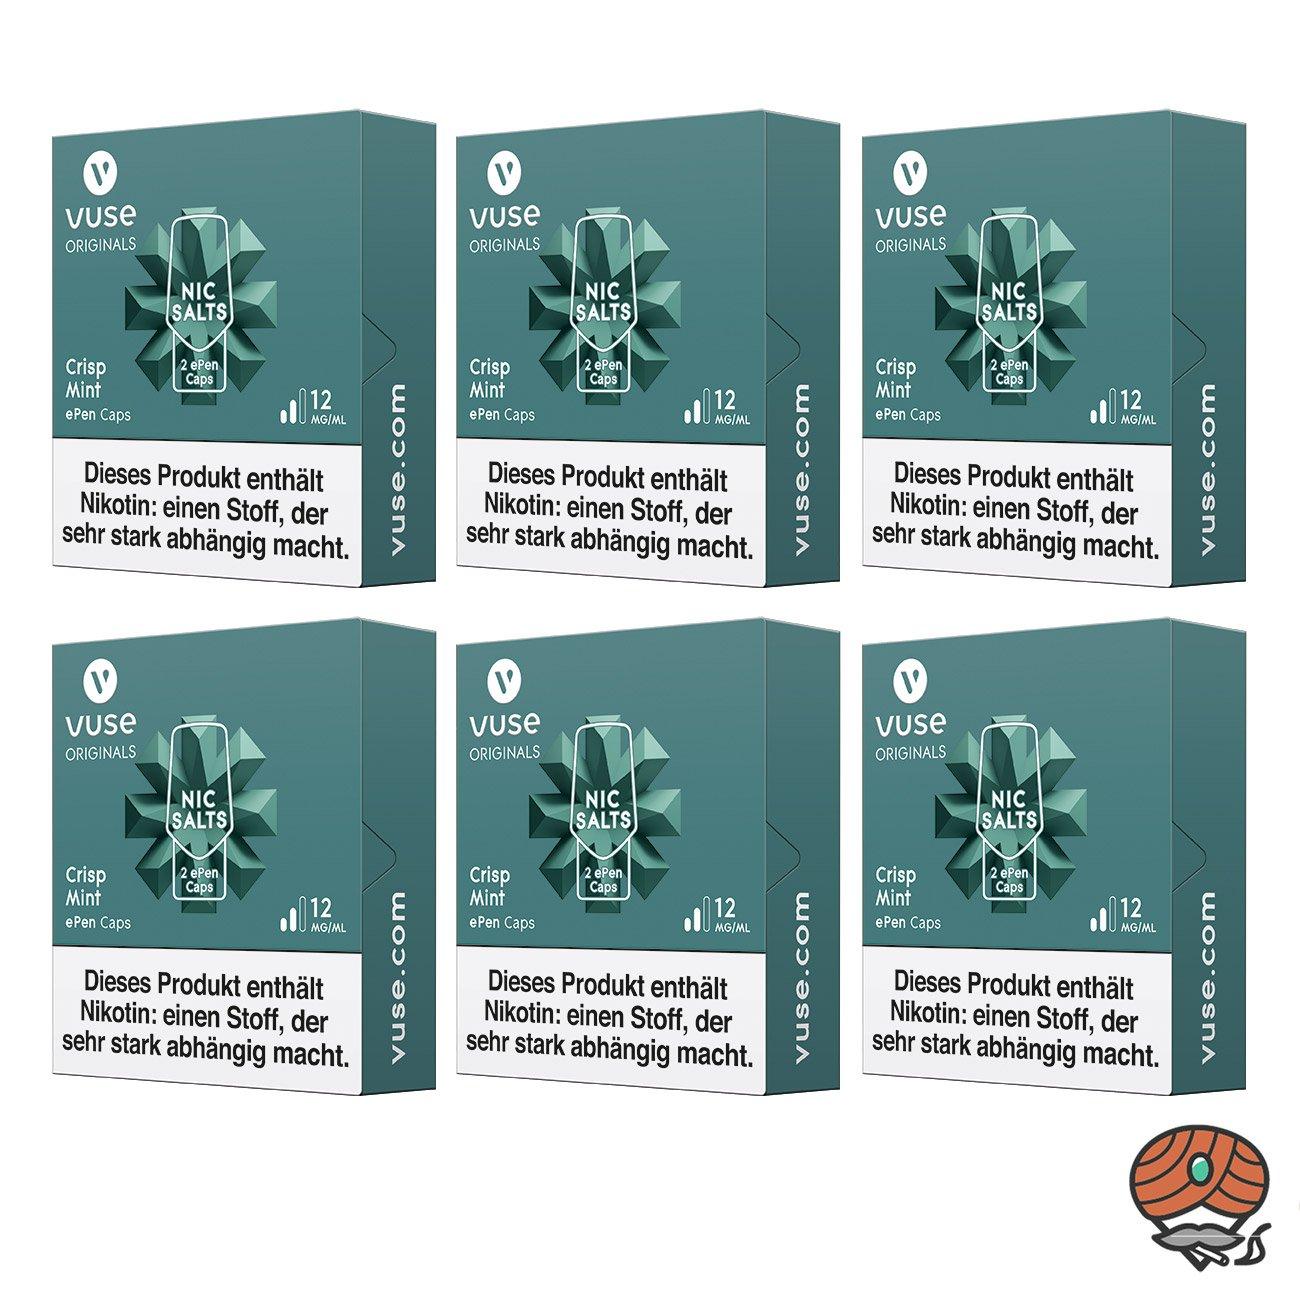 Vuse ePen Caps 6x Crisp Mint 12 mg/ml à 2 Caps (ehem. Vype ePen3 Crushed Mint)